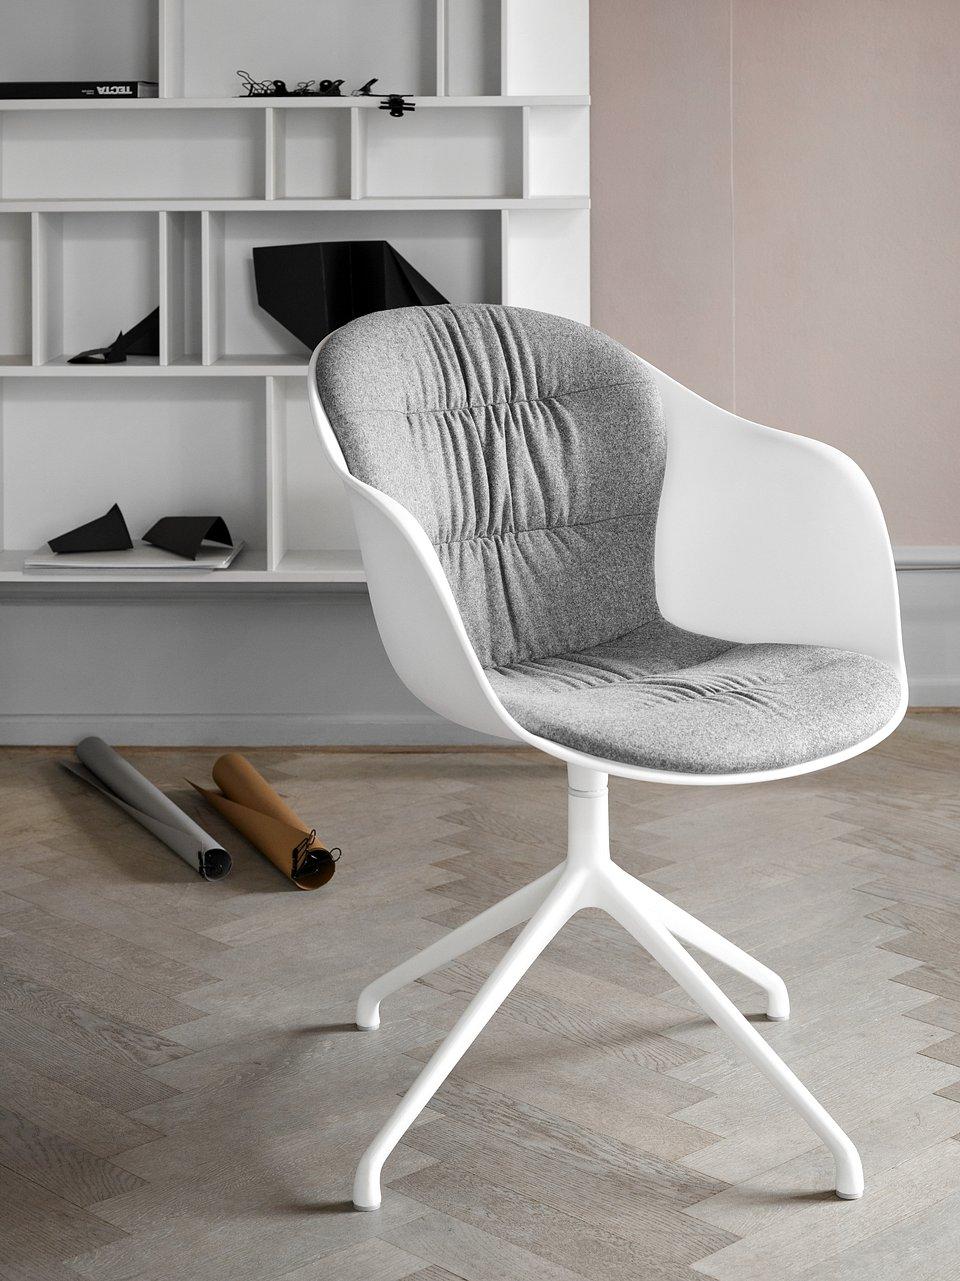 Krzesło Adelaide z funkcją obrotu, cena 2.308,-